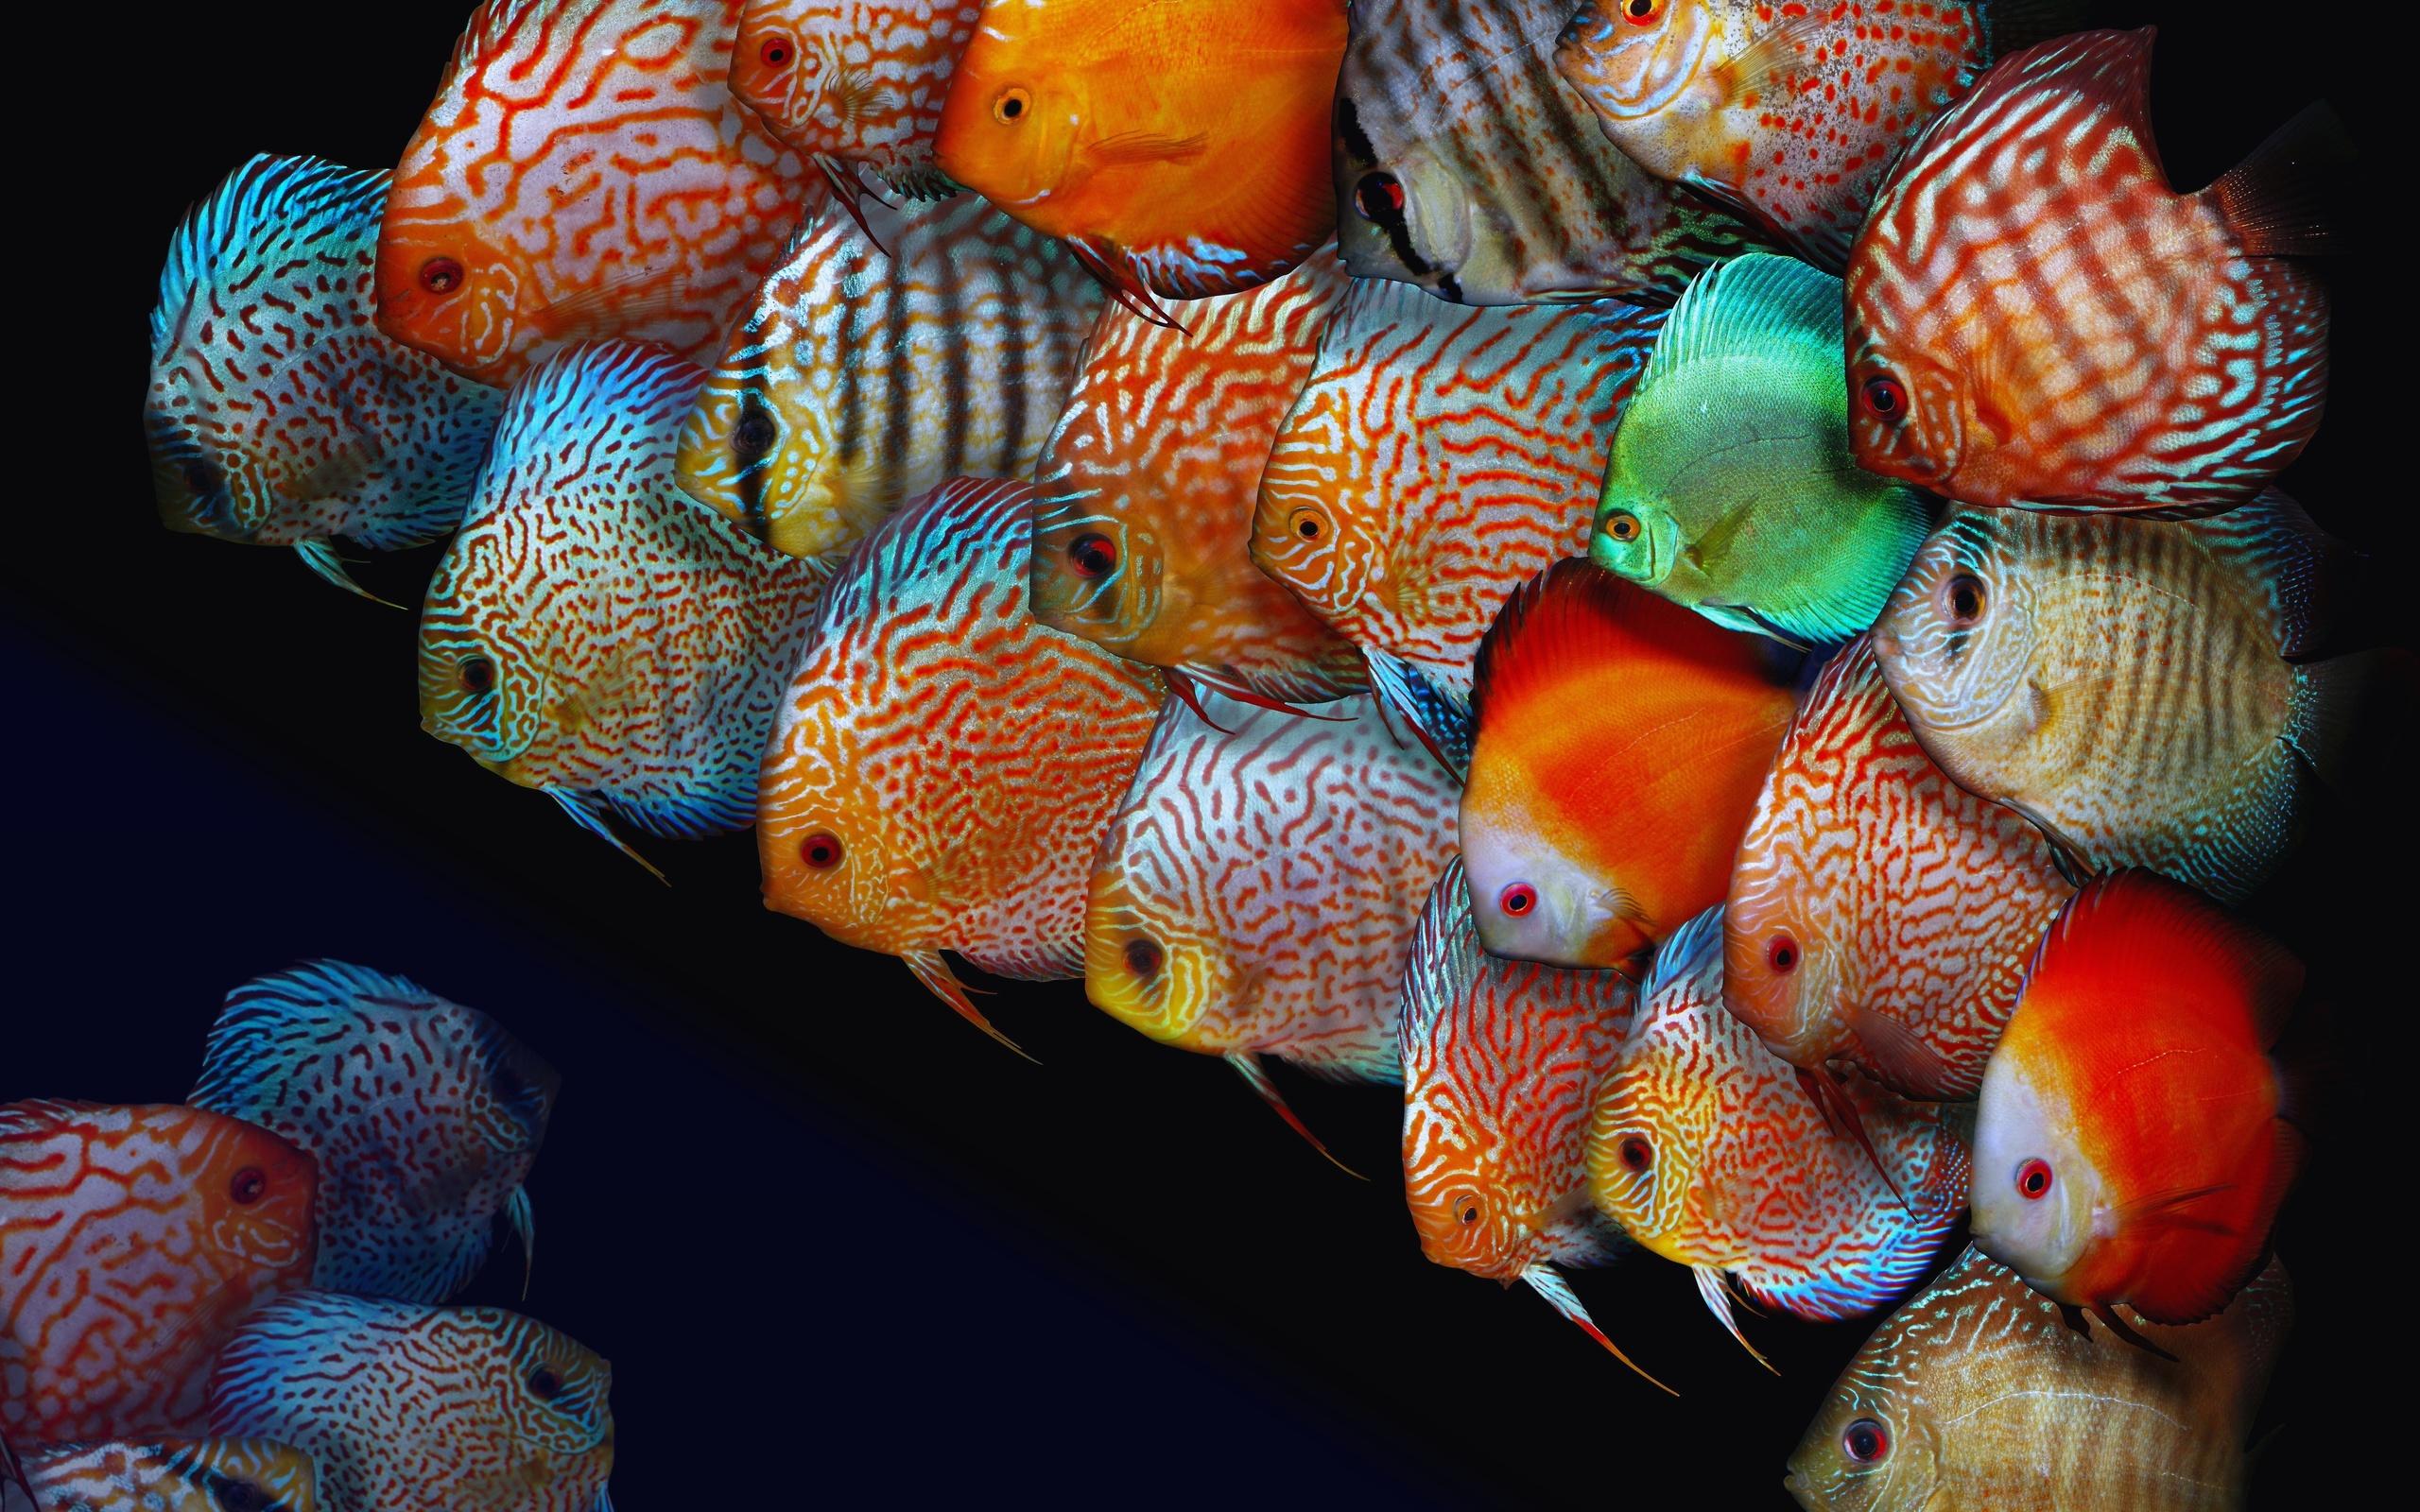 после картинки разных рыбок данной статье, поговорим